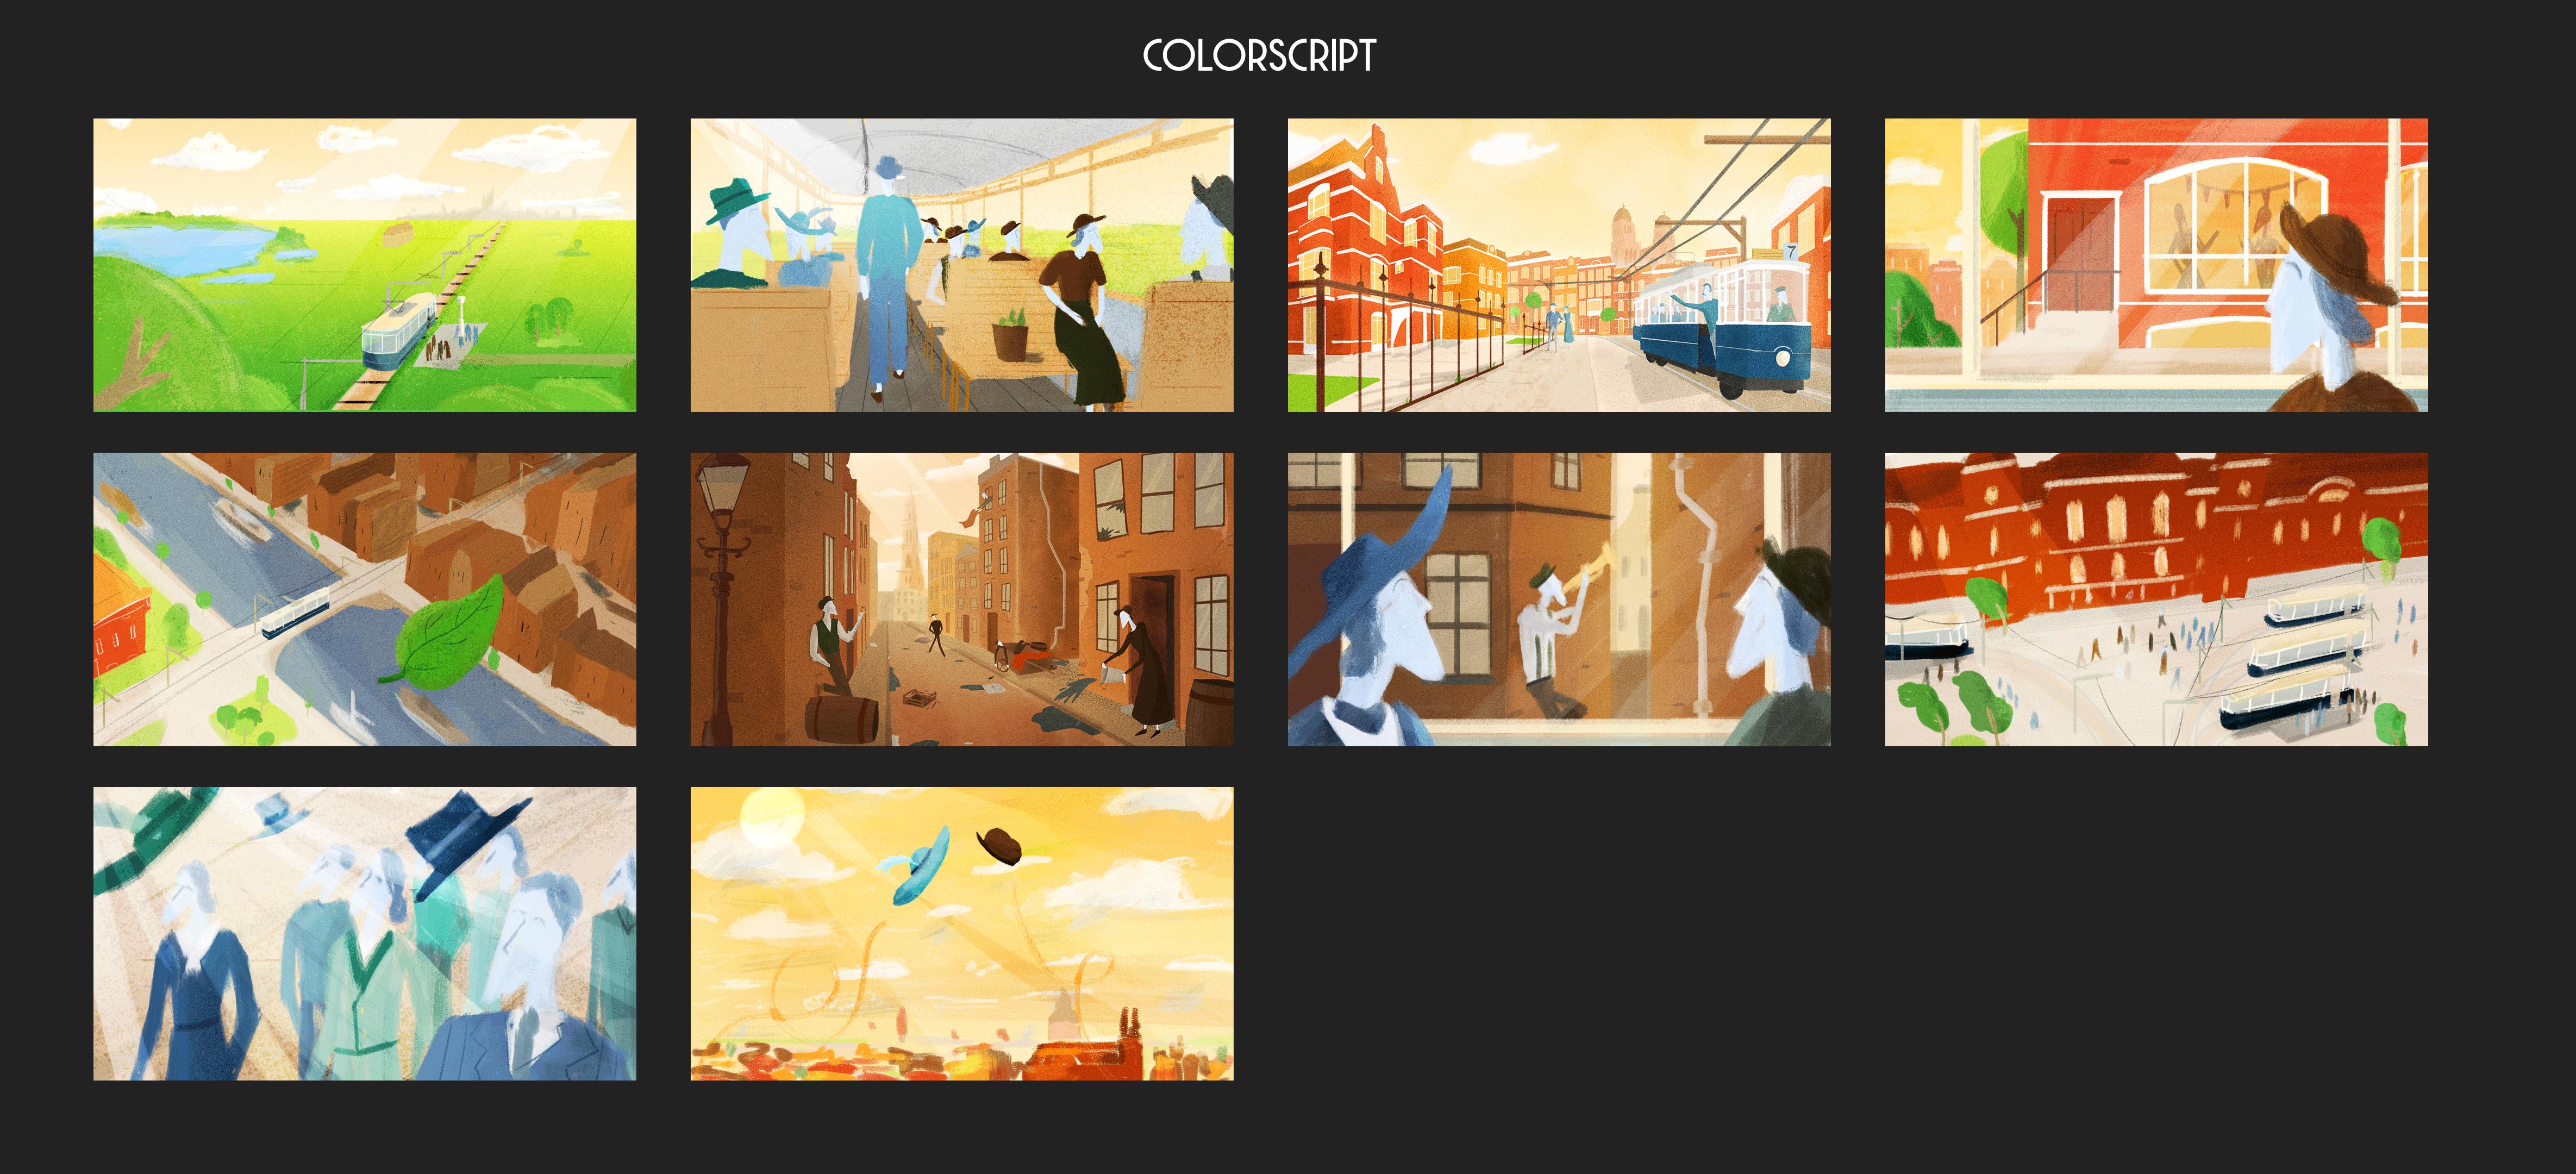 Colorscript_v02